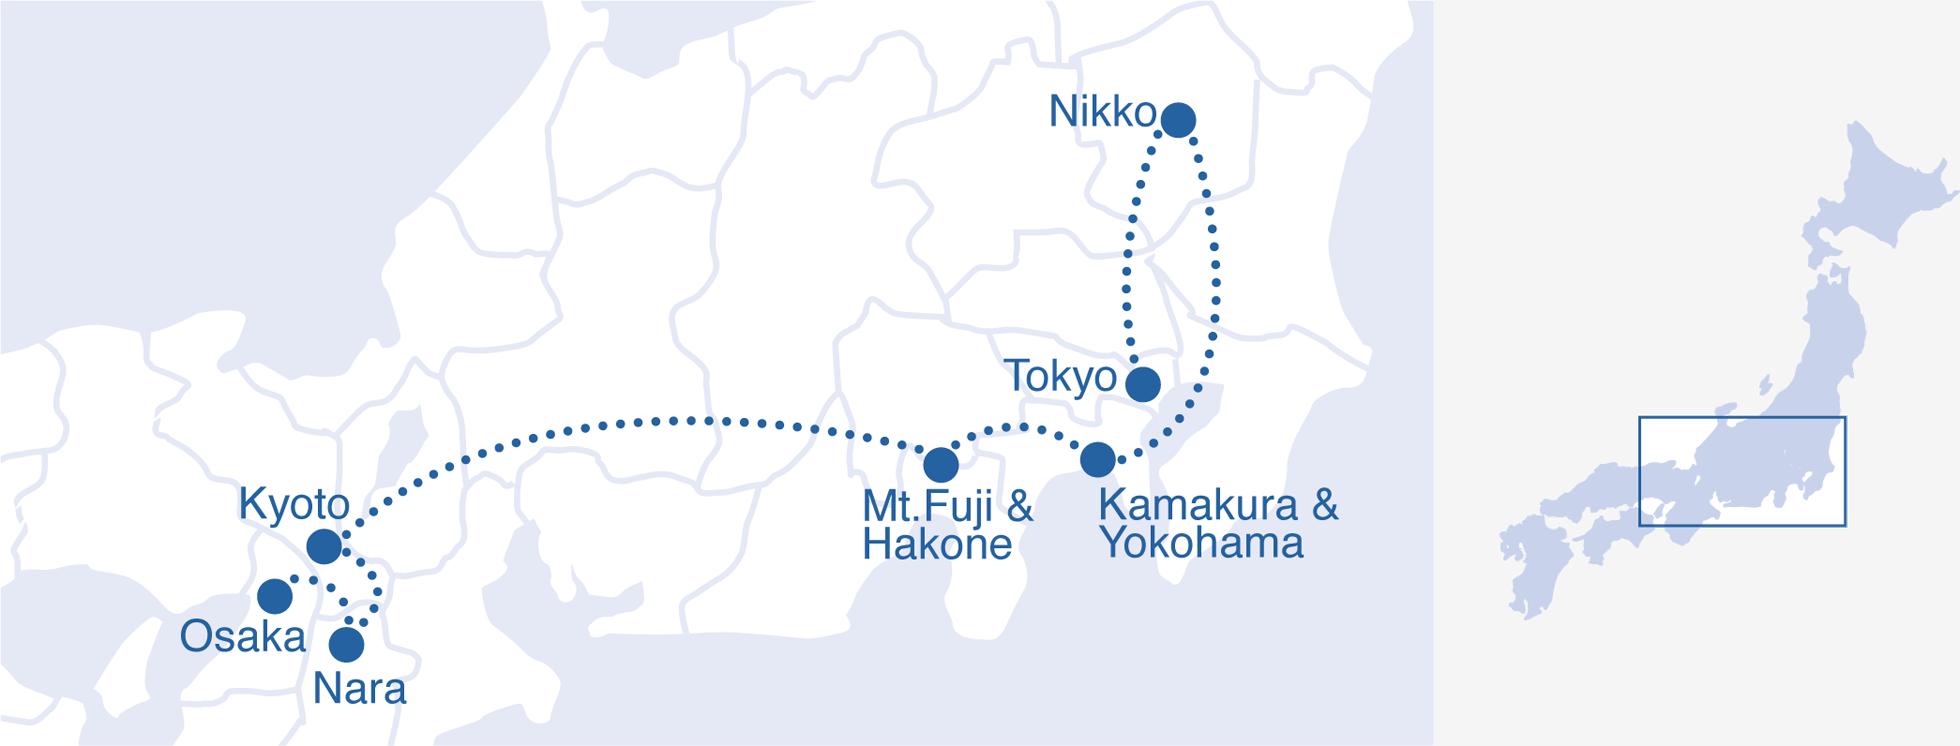 DMC Japan Days Japan Golden Route - Japan map 9